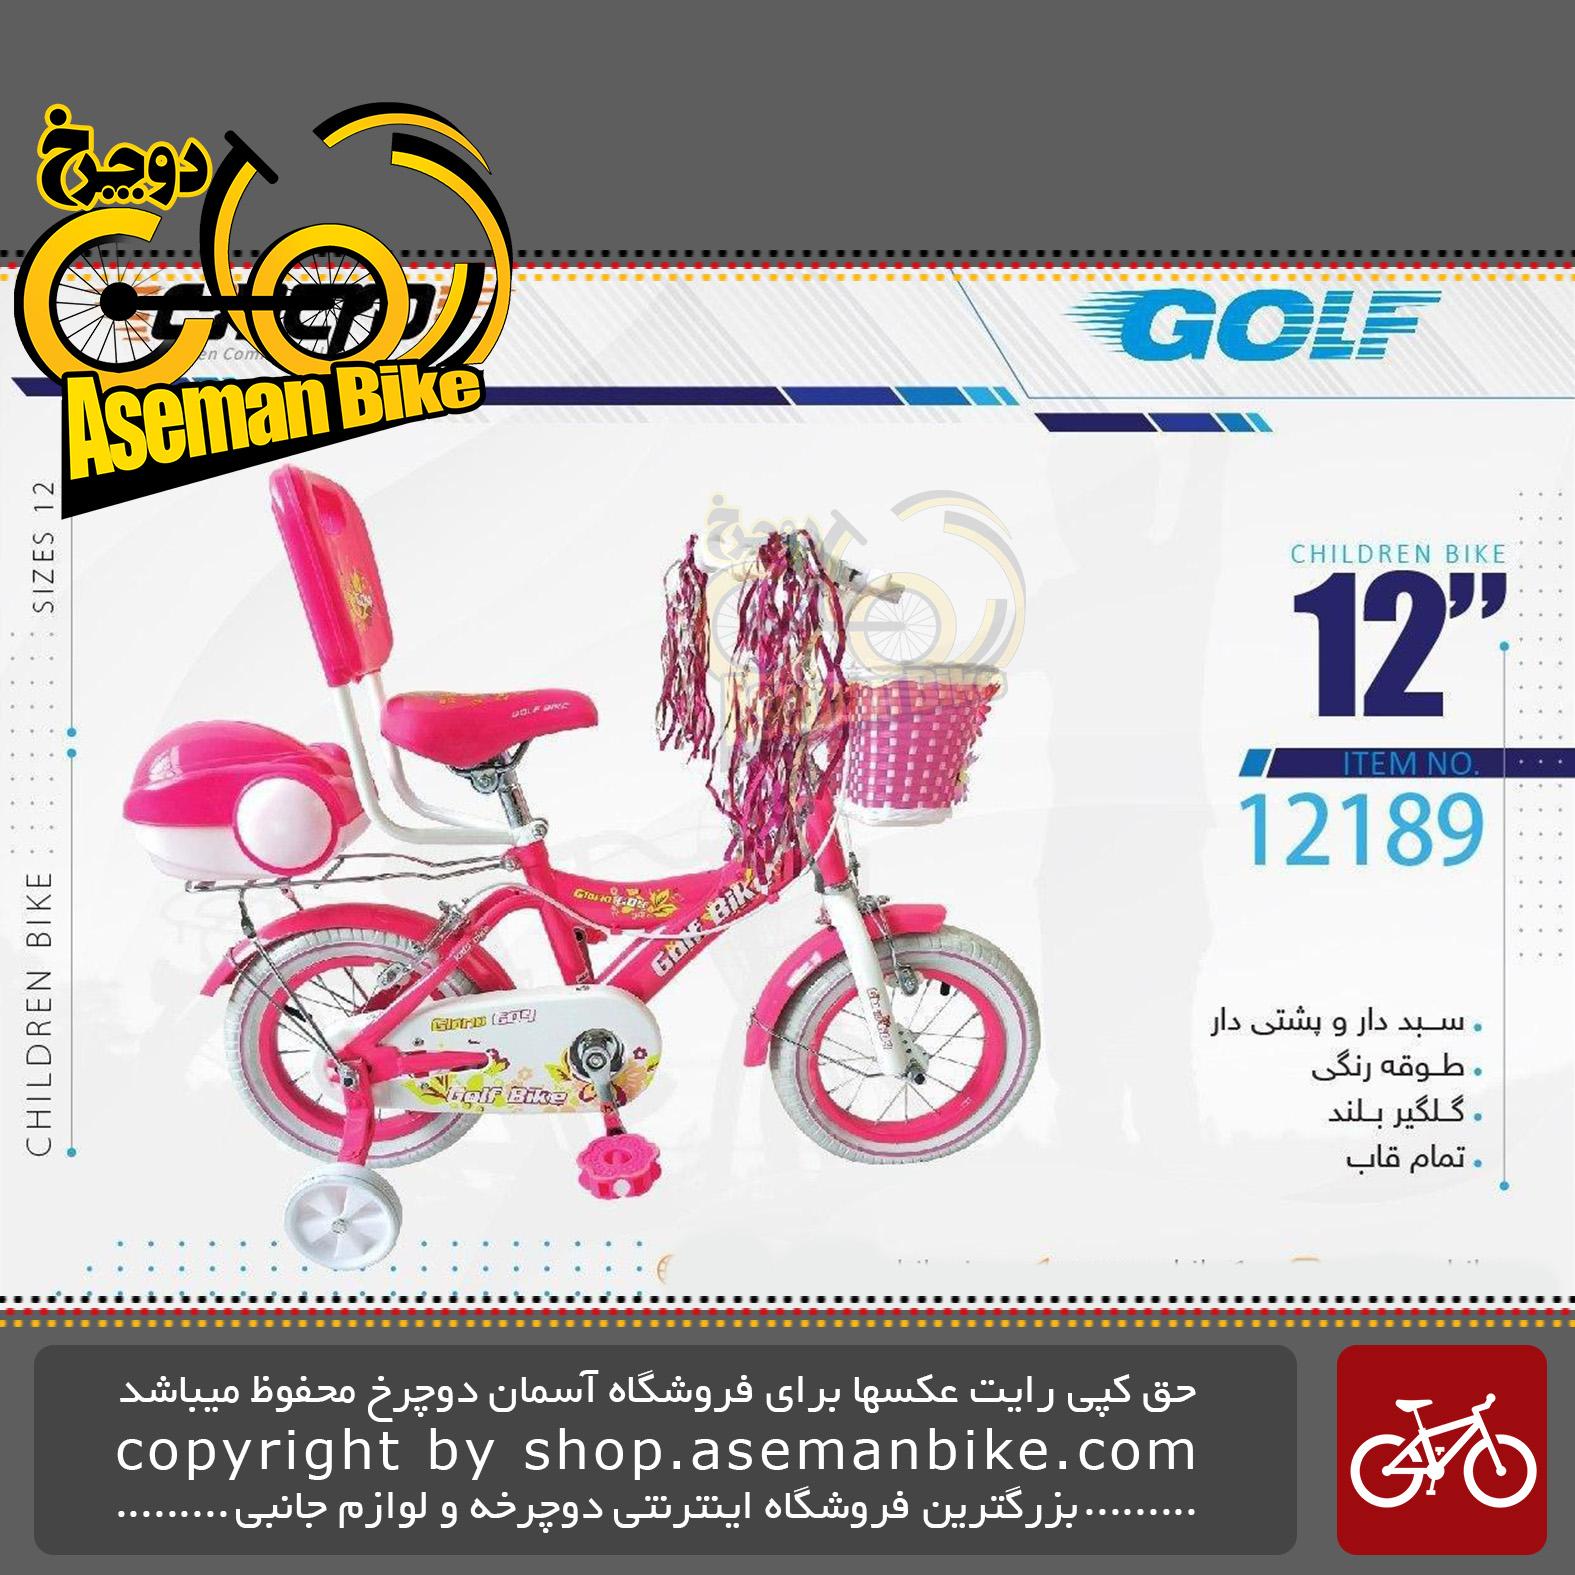 دوچرخه بچگانه دخترانه گلف سایز 12 پشتی دار صندوق دار سبد دار مدل 12189 GOLF Bicycle Kids Size 12 Model 12189